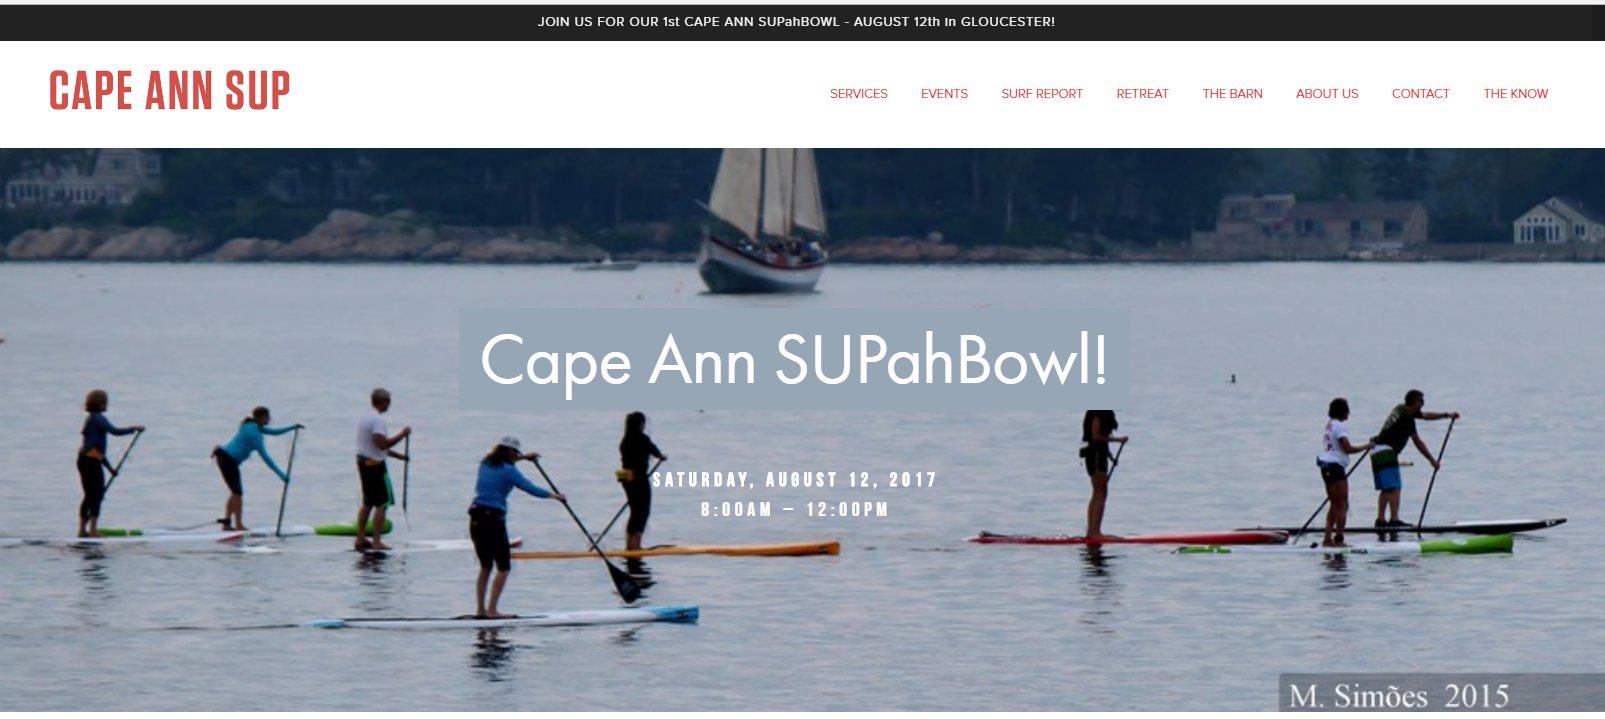 Cape Ann SUPahBowl